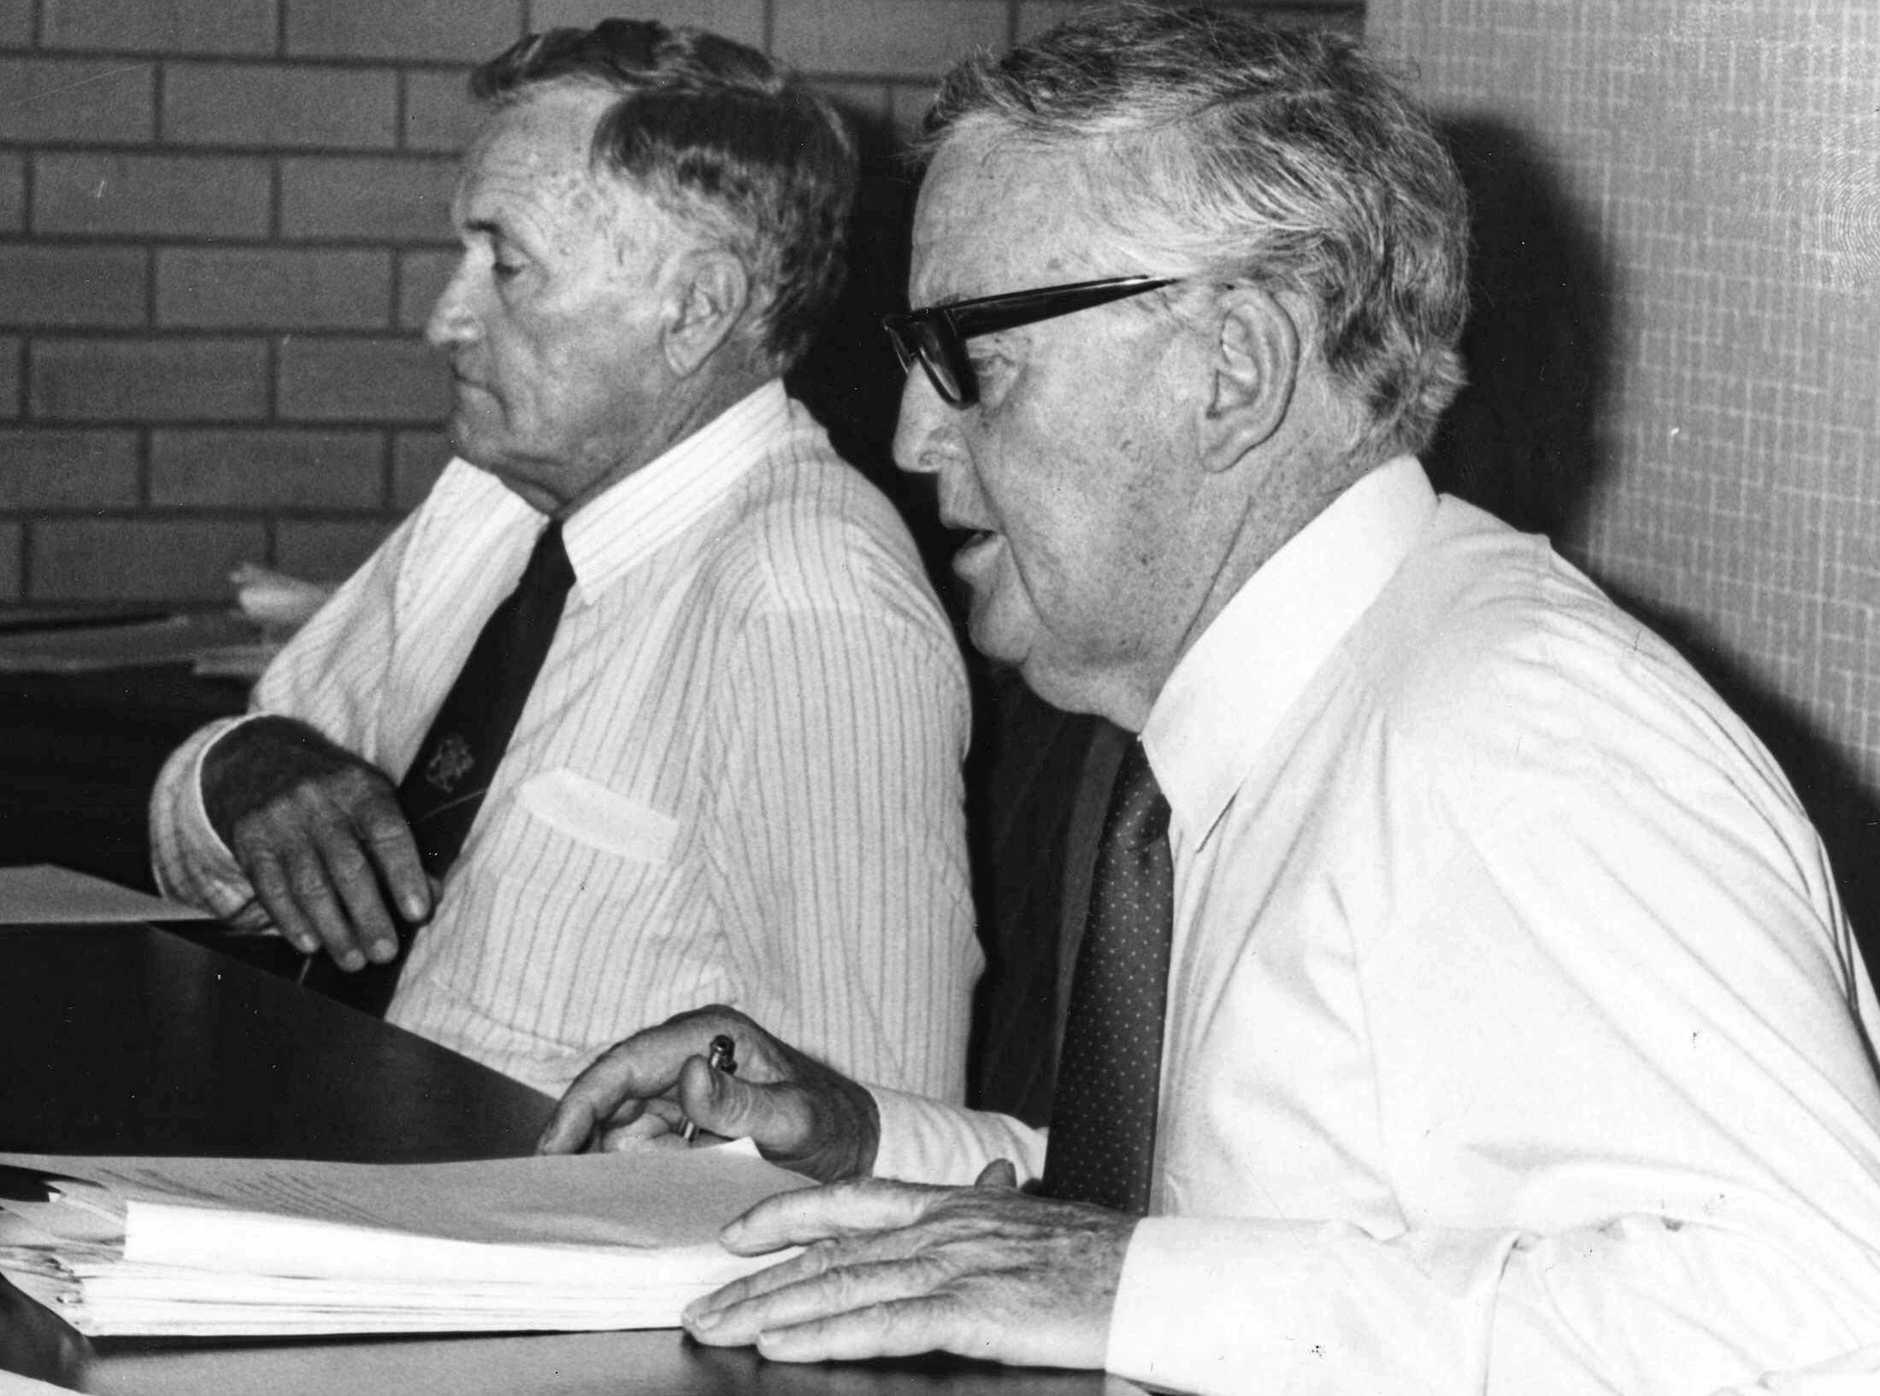 Qld Premier Sir Joh Bjelke-Petersen with deputy Bill Gunn.